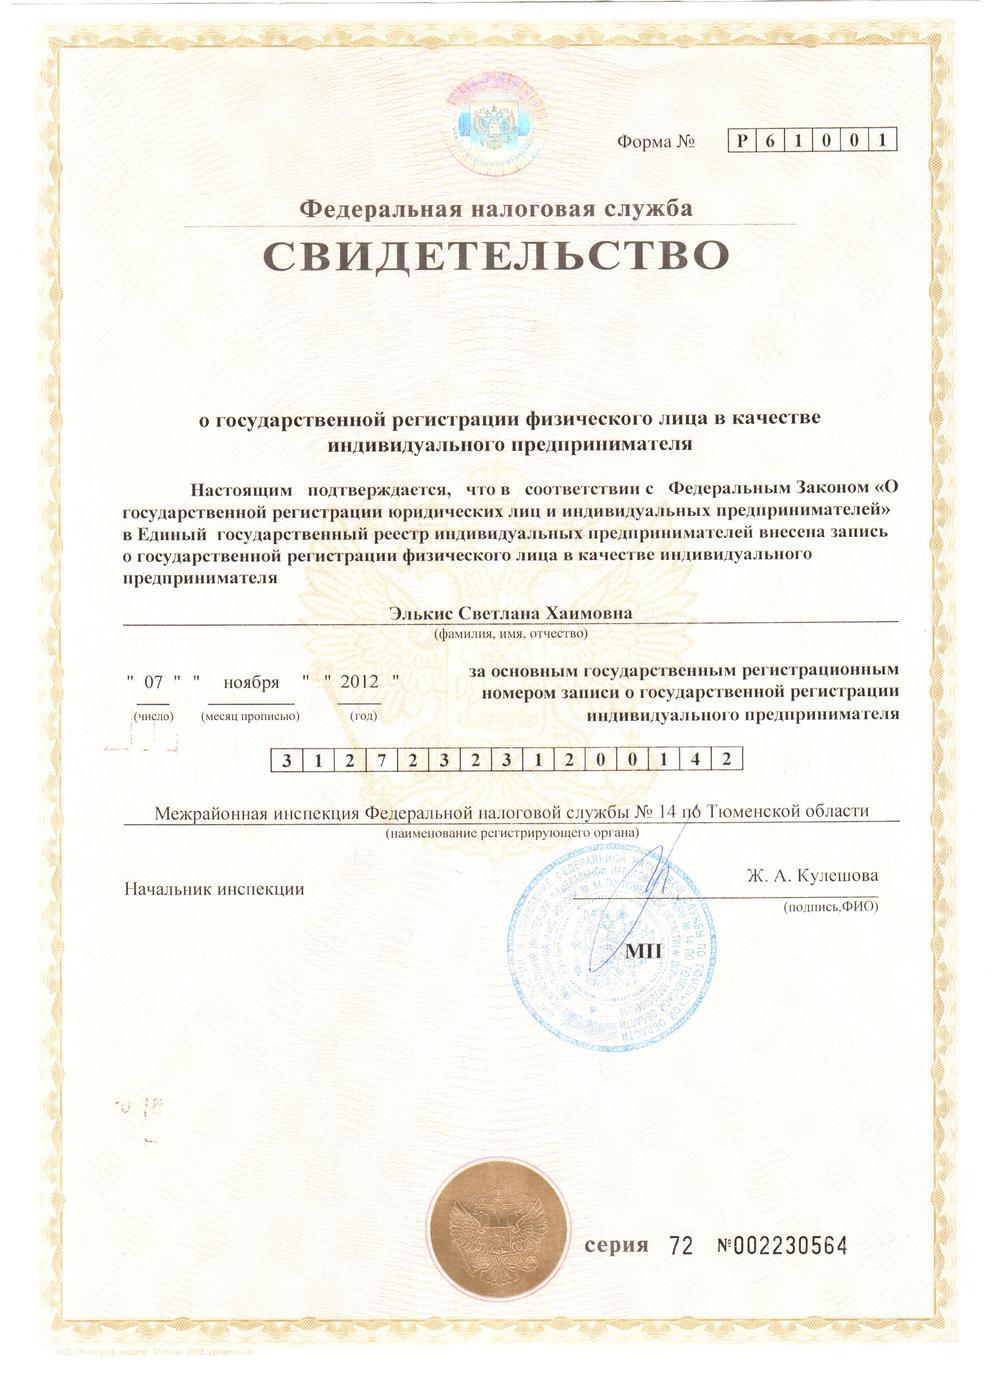 Скан регистрации ип 1с бухгалтерия через интернет